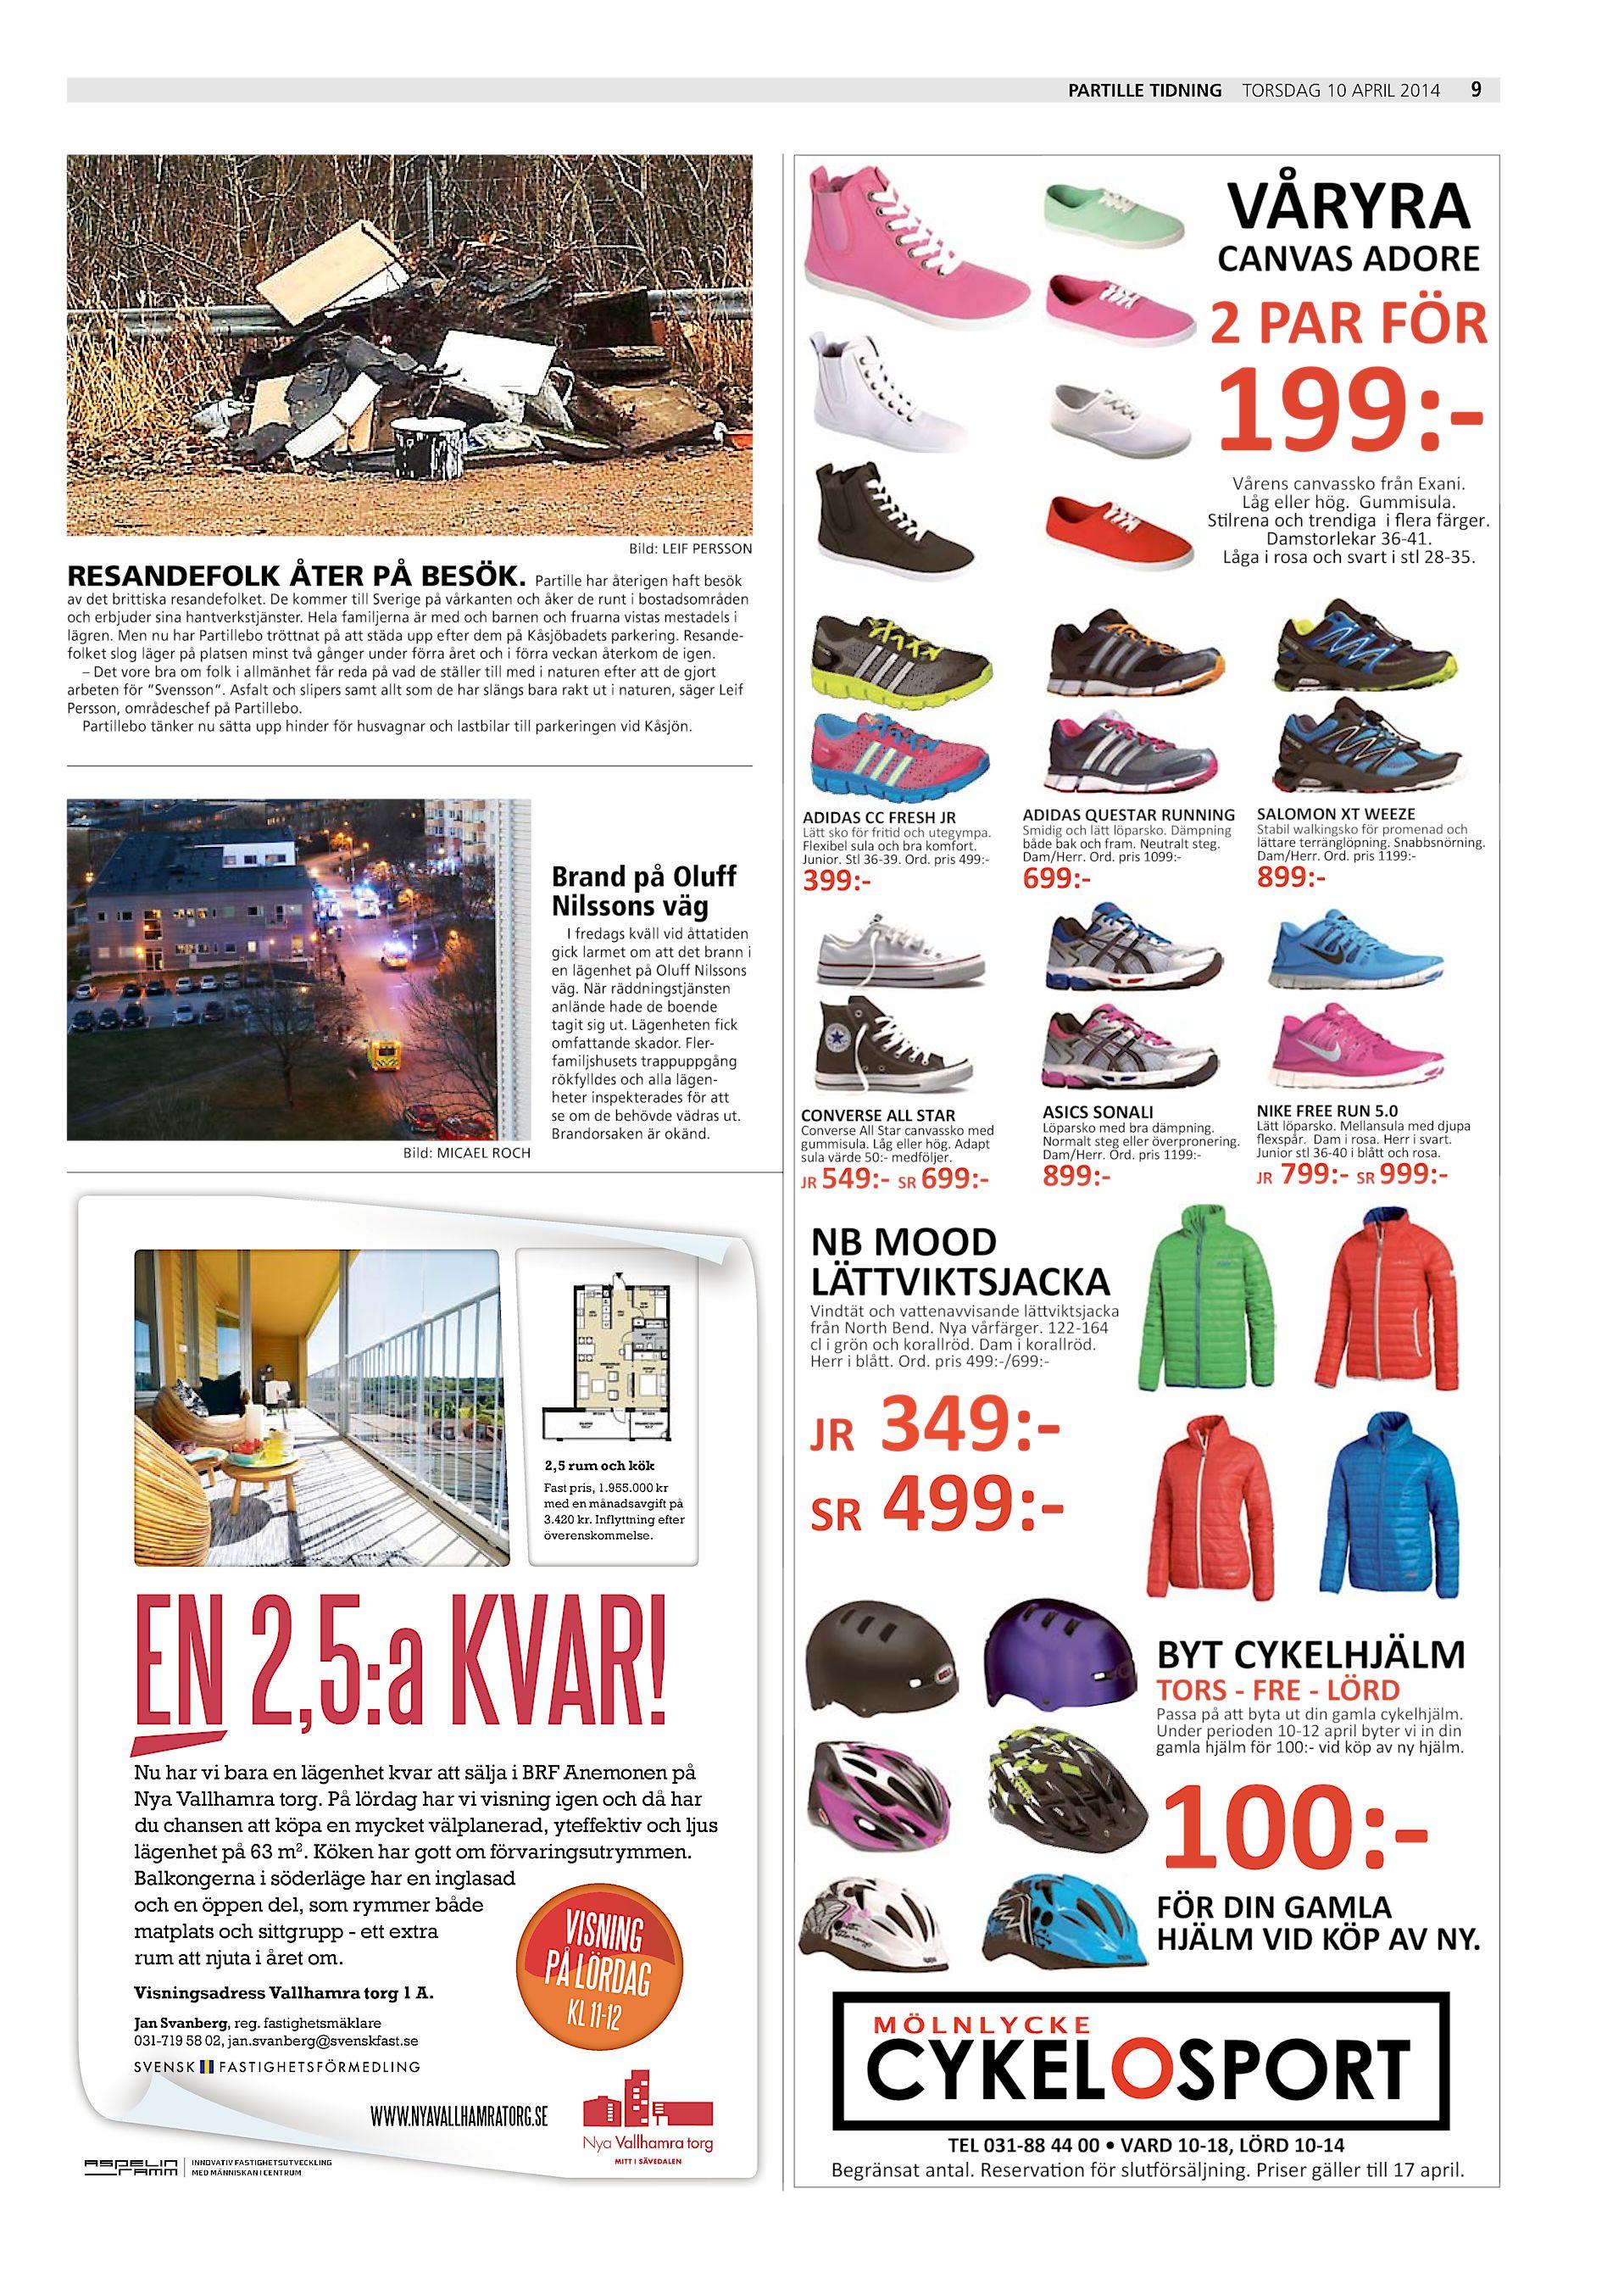 adidas sko Superstar lanserades 1969 och blev snabbt populär